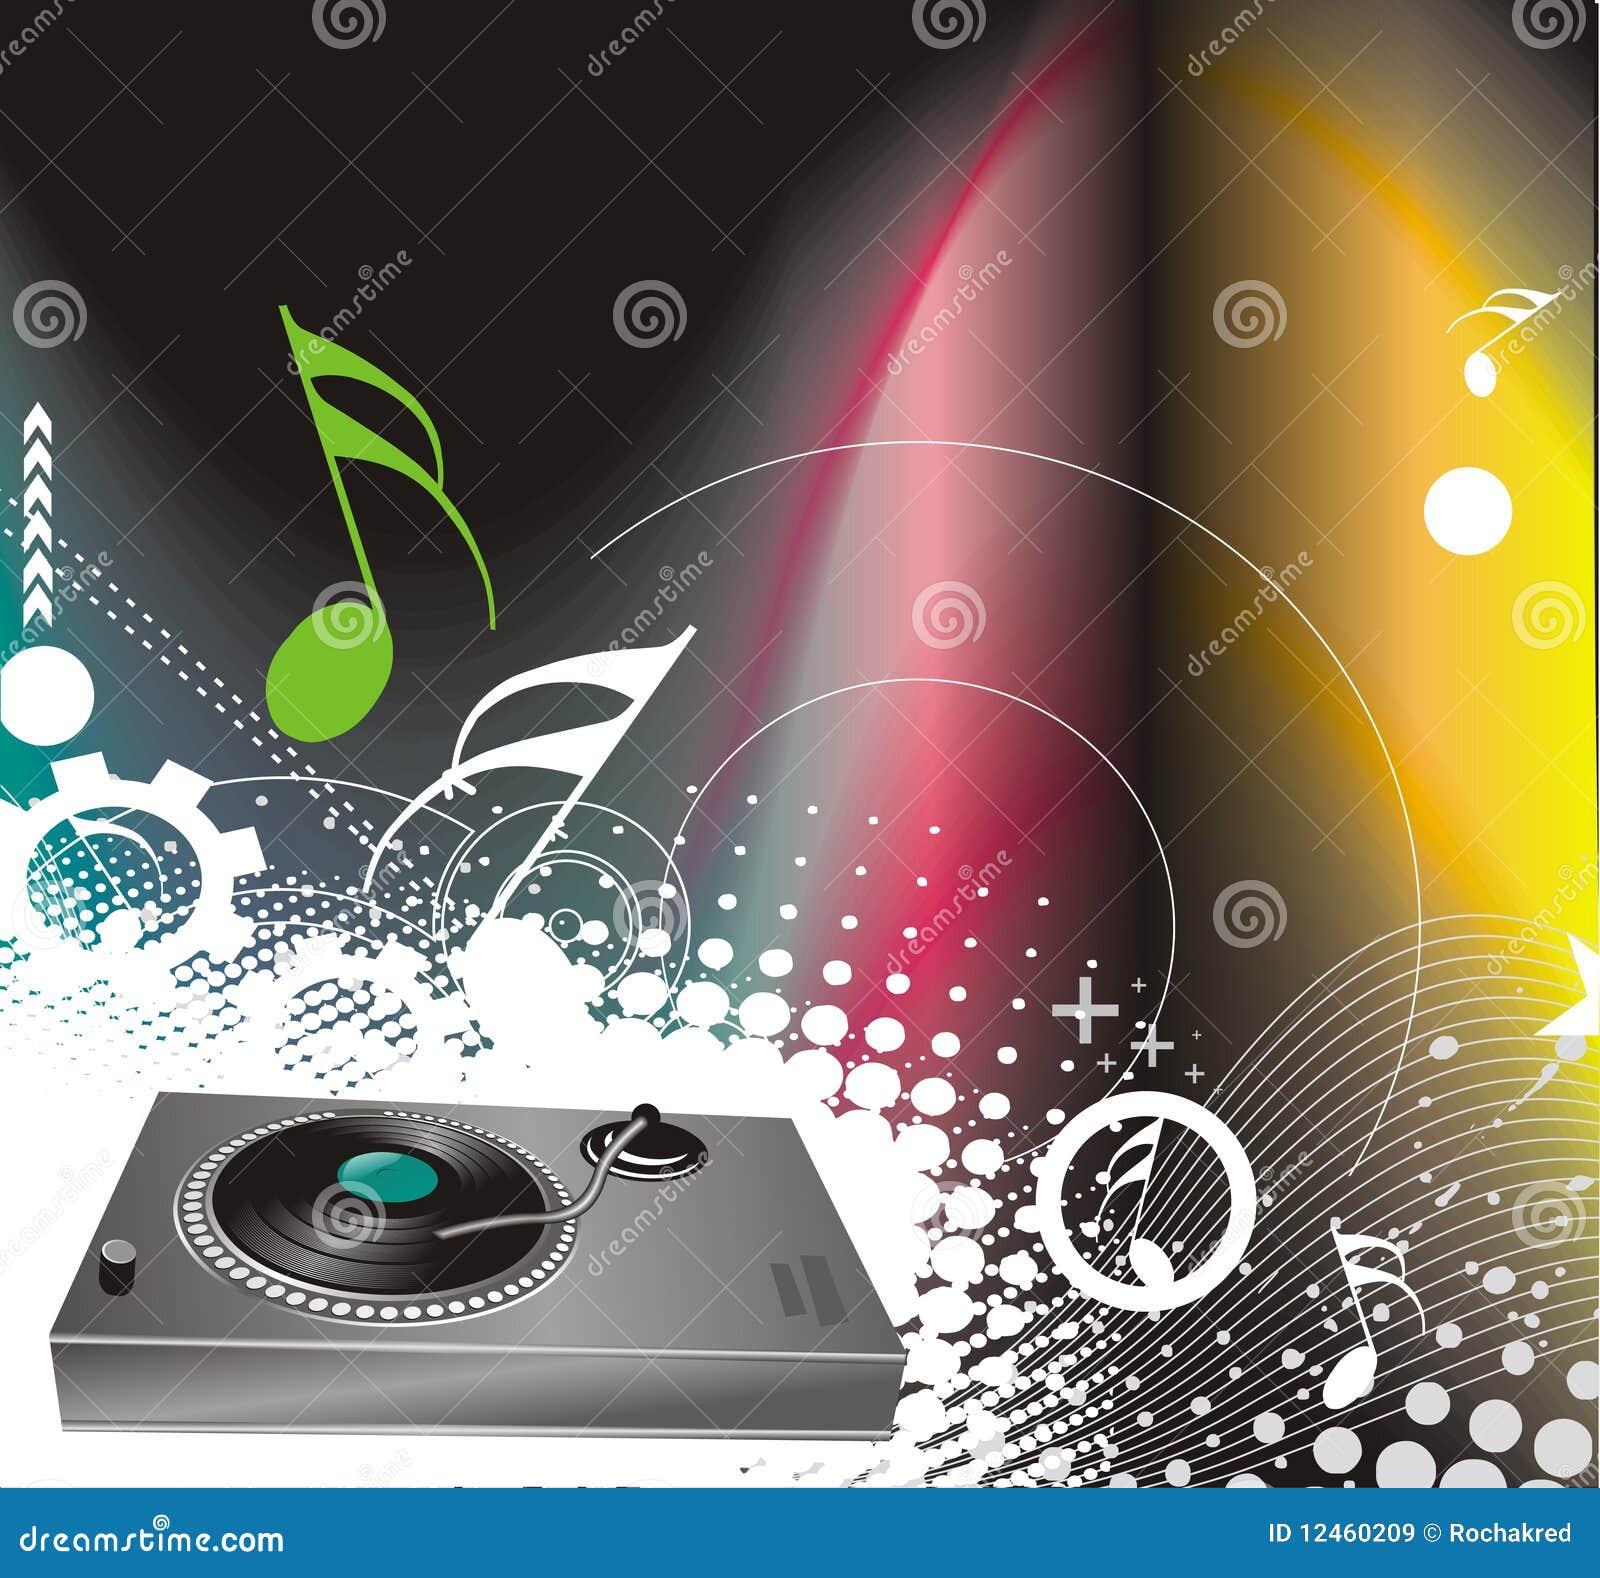 Vector illustratie op een muzikaal thema met turnta